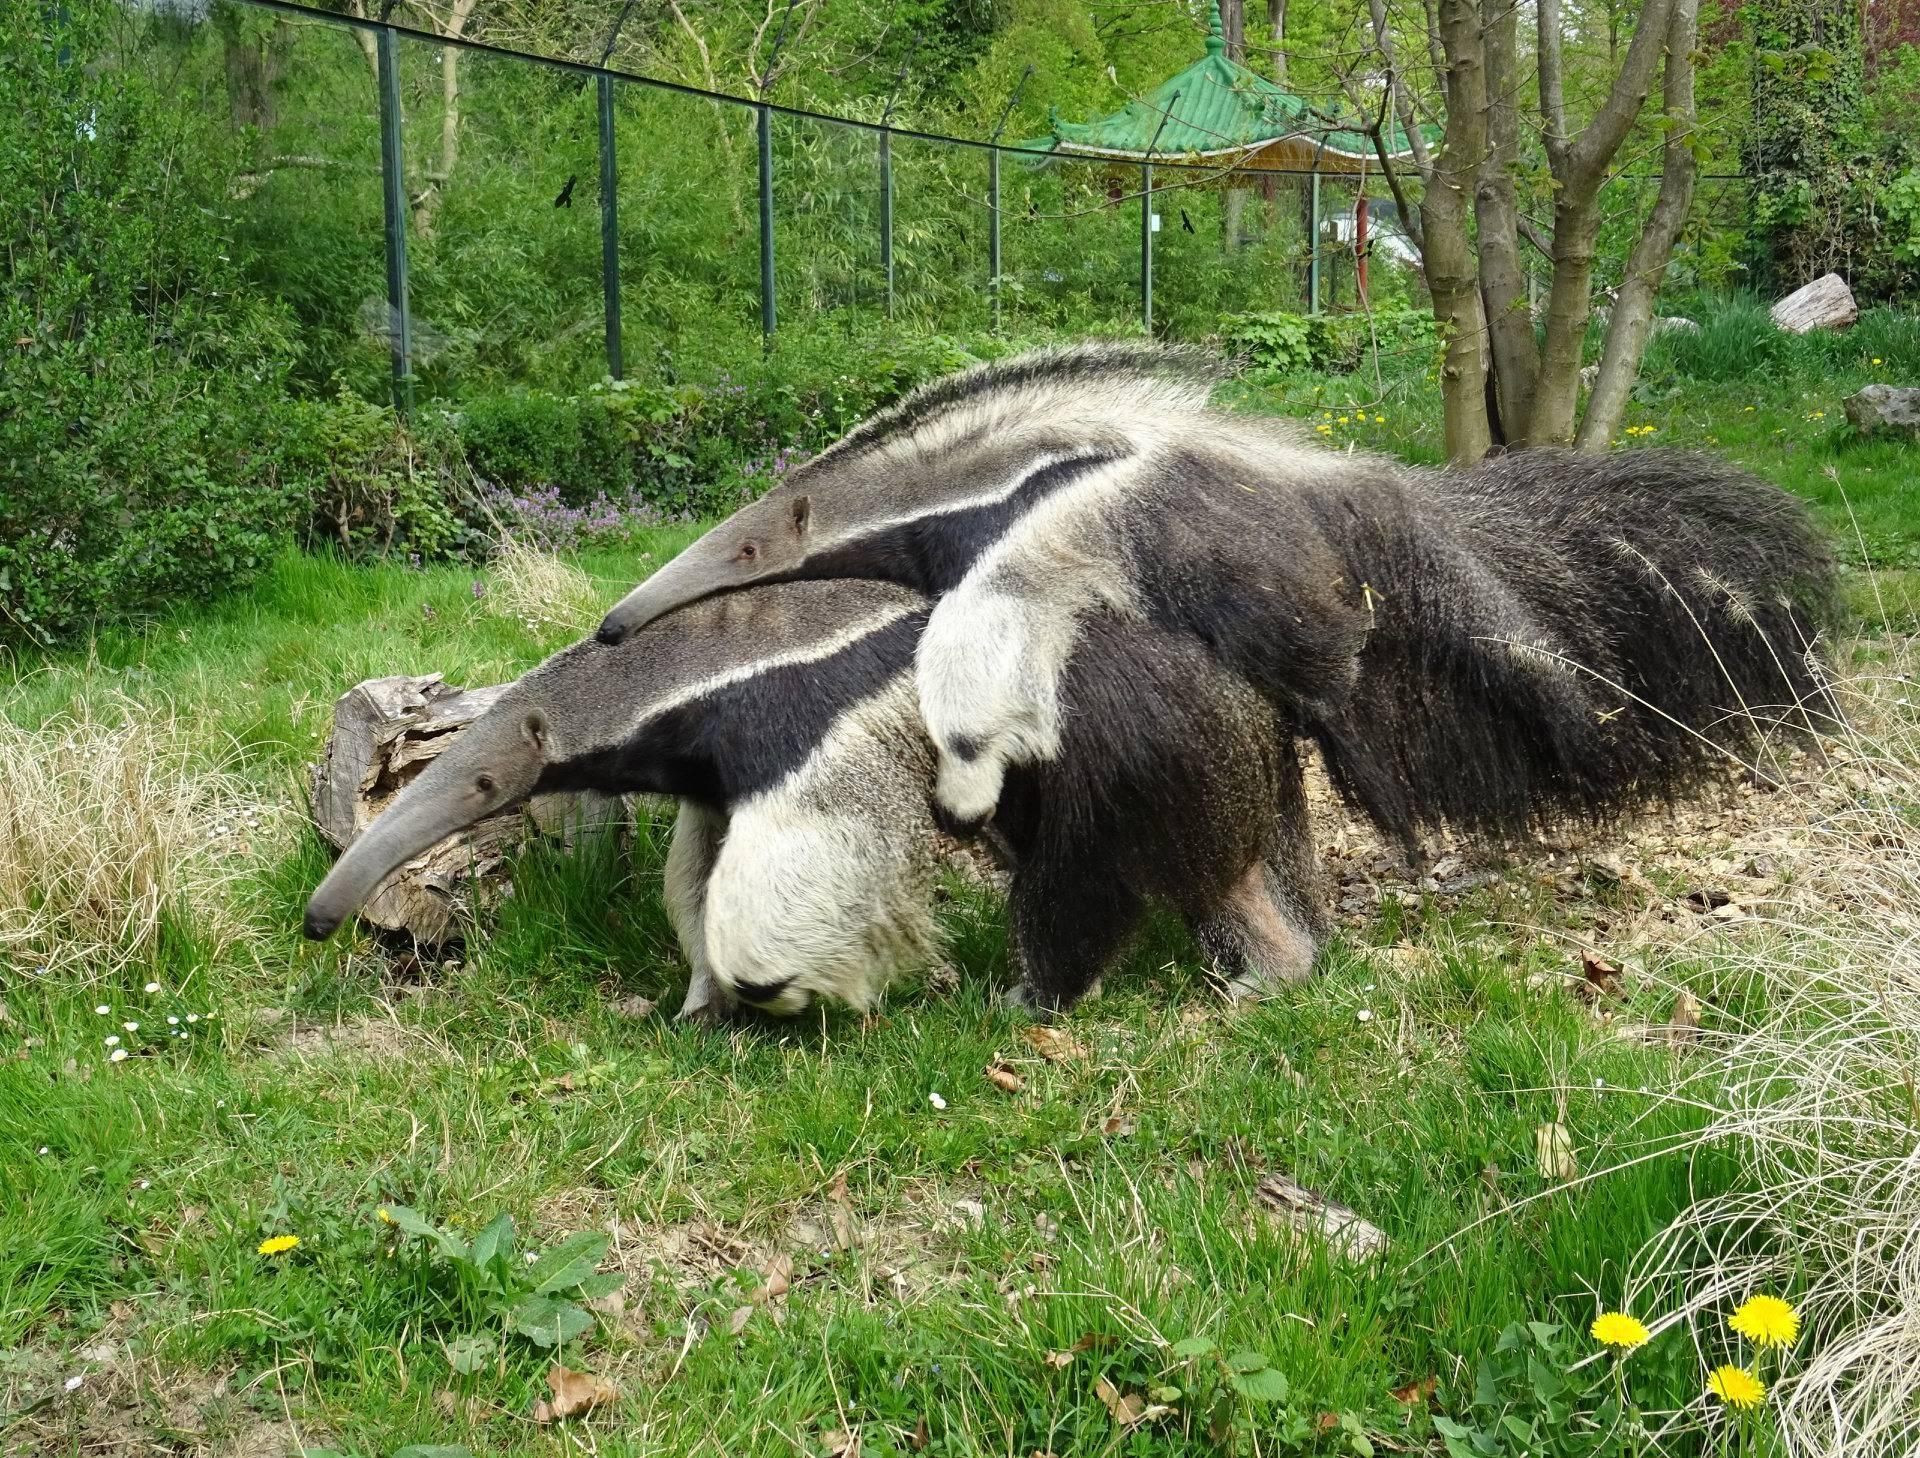 Zoološki vrt oduševio pričama i fotografijama za Majčin dan...